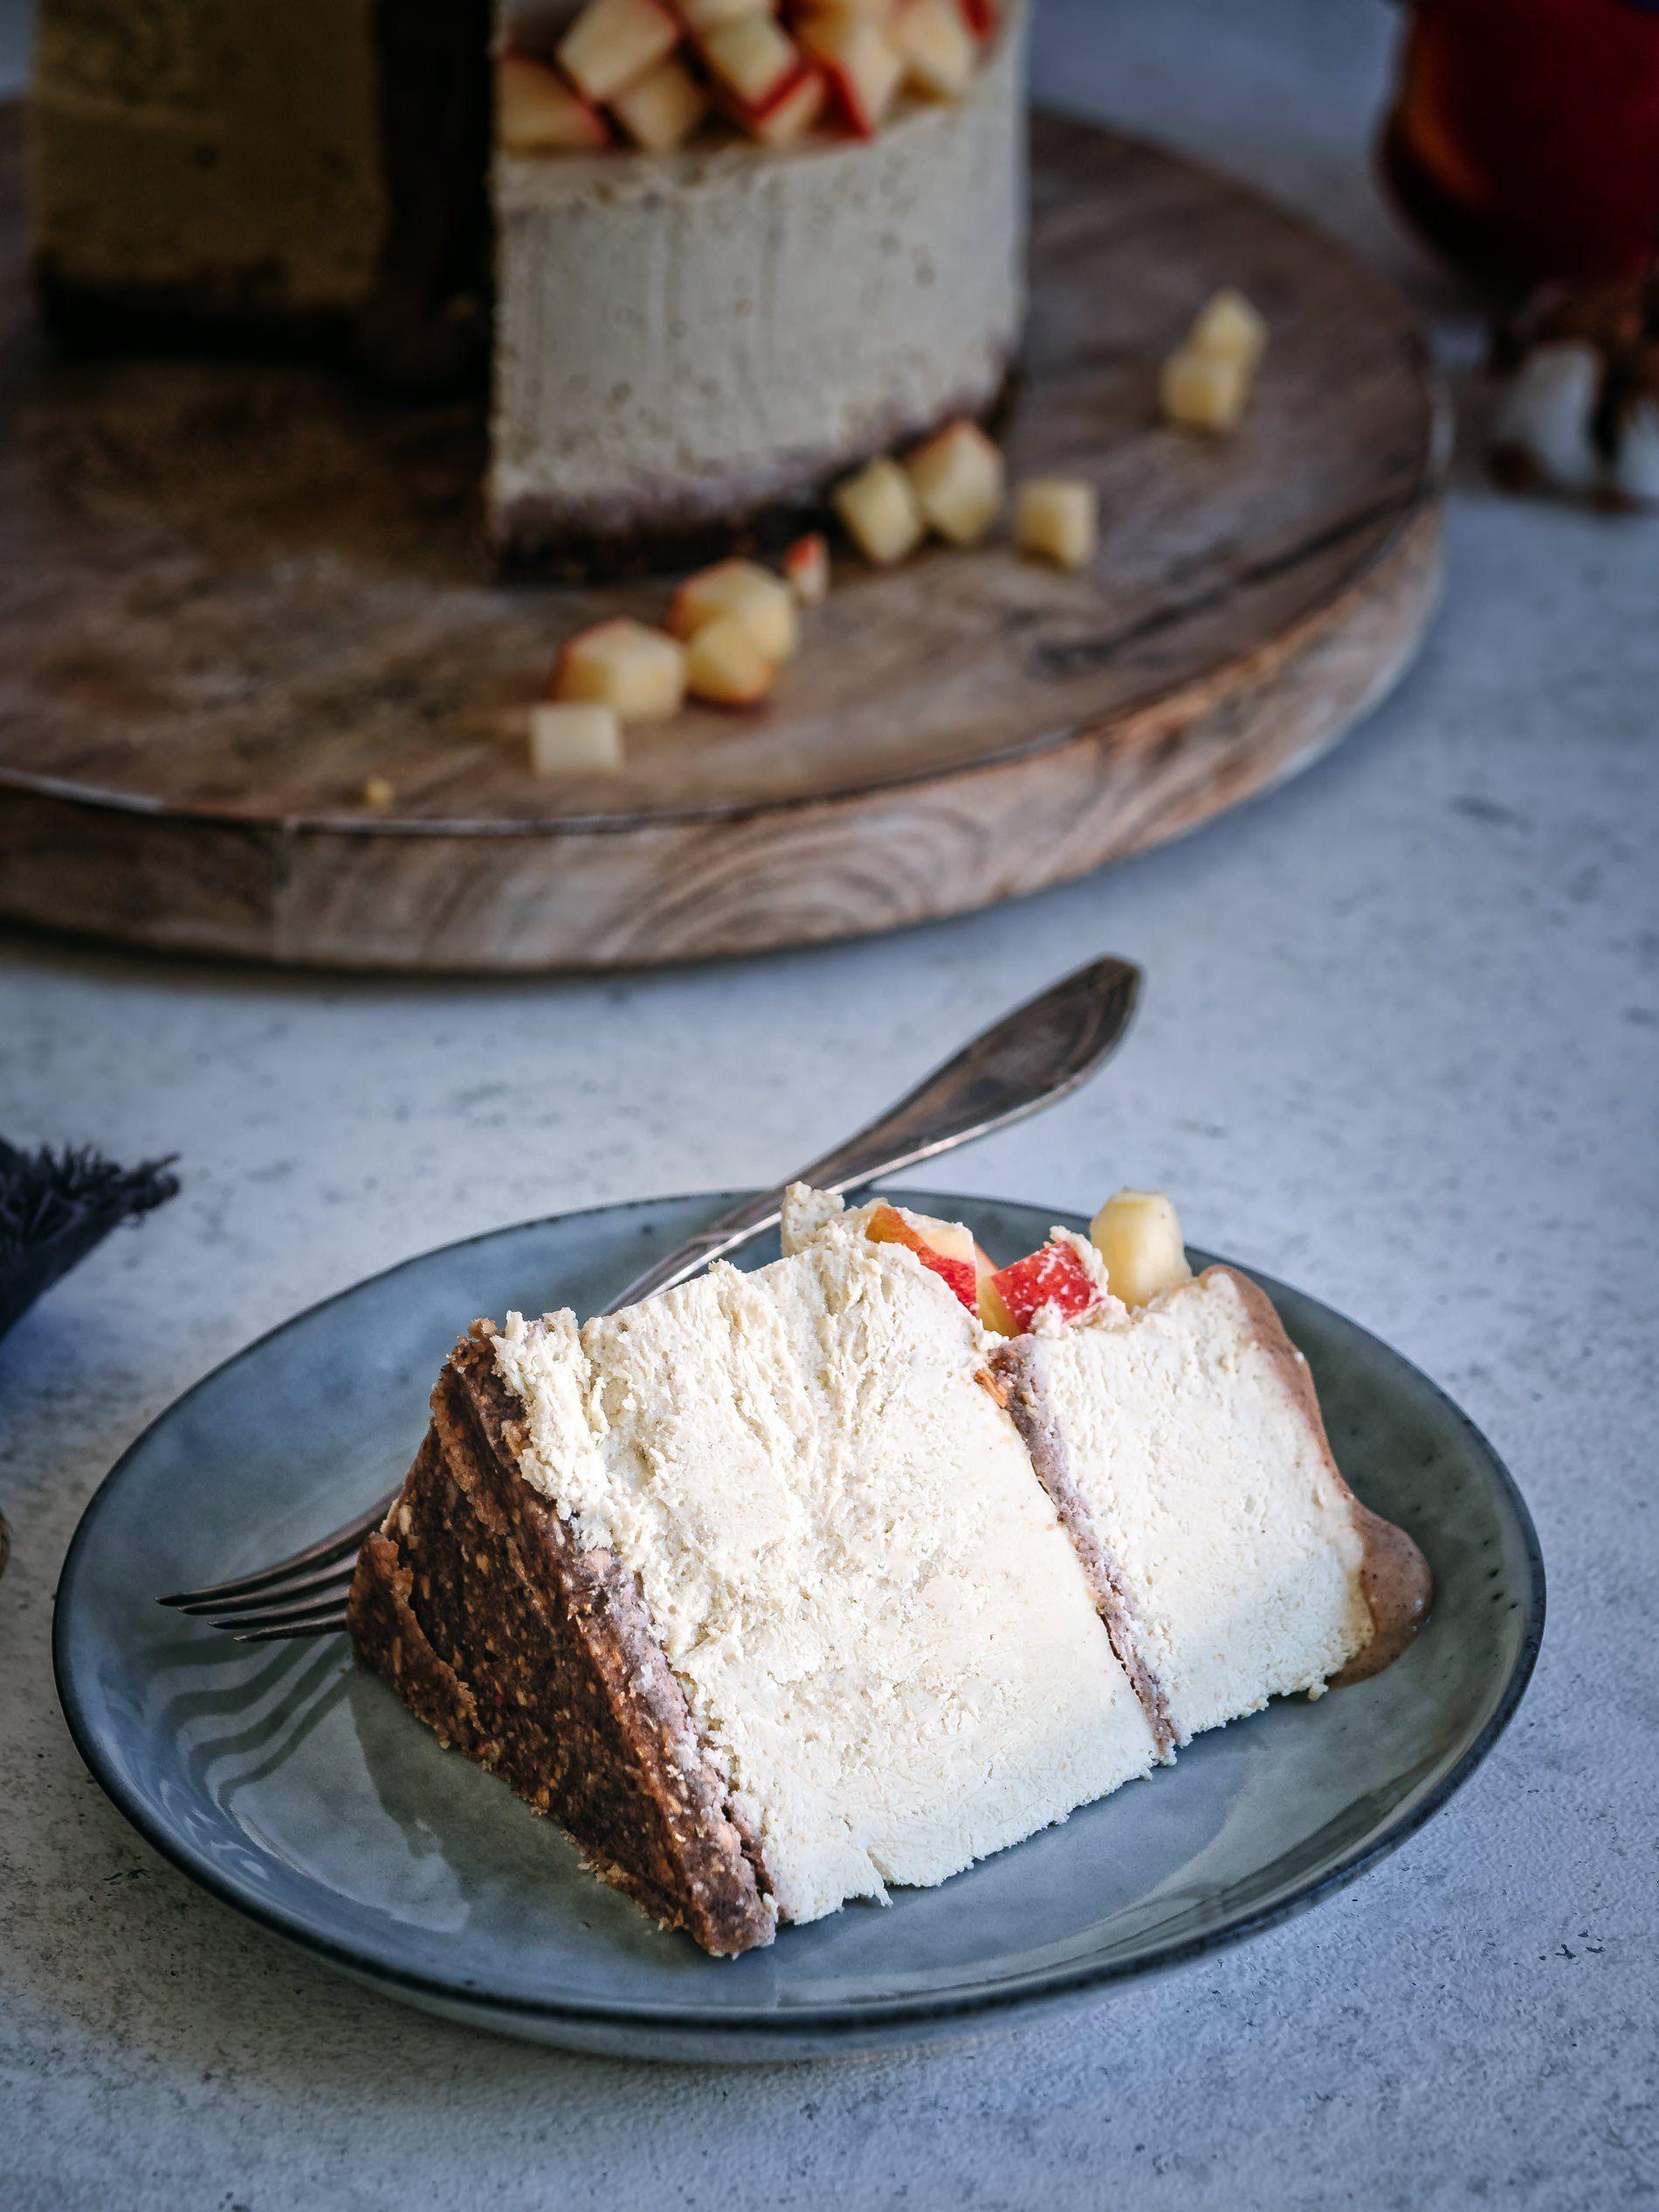 Salzkaramell Und Apfel Cheesecake Ohne Backen Rezept Vegane Sussigkeiten Kuchen Ohne Backen Und Lebensmittel Essen